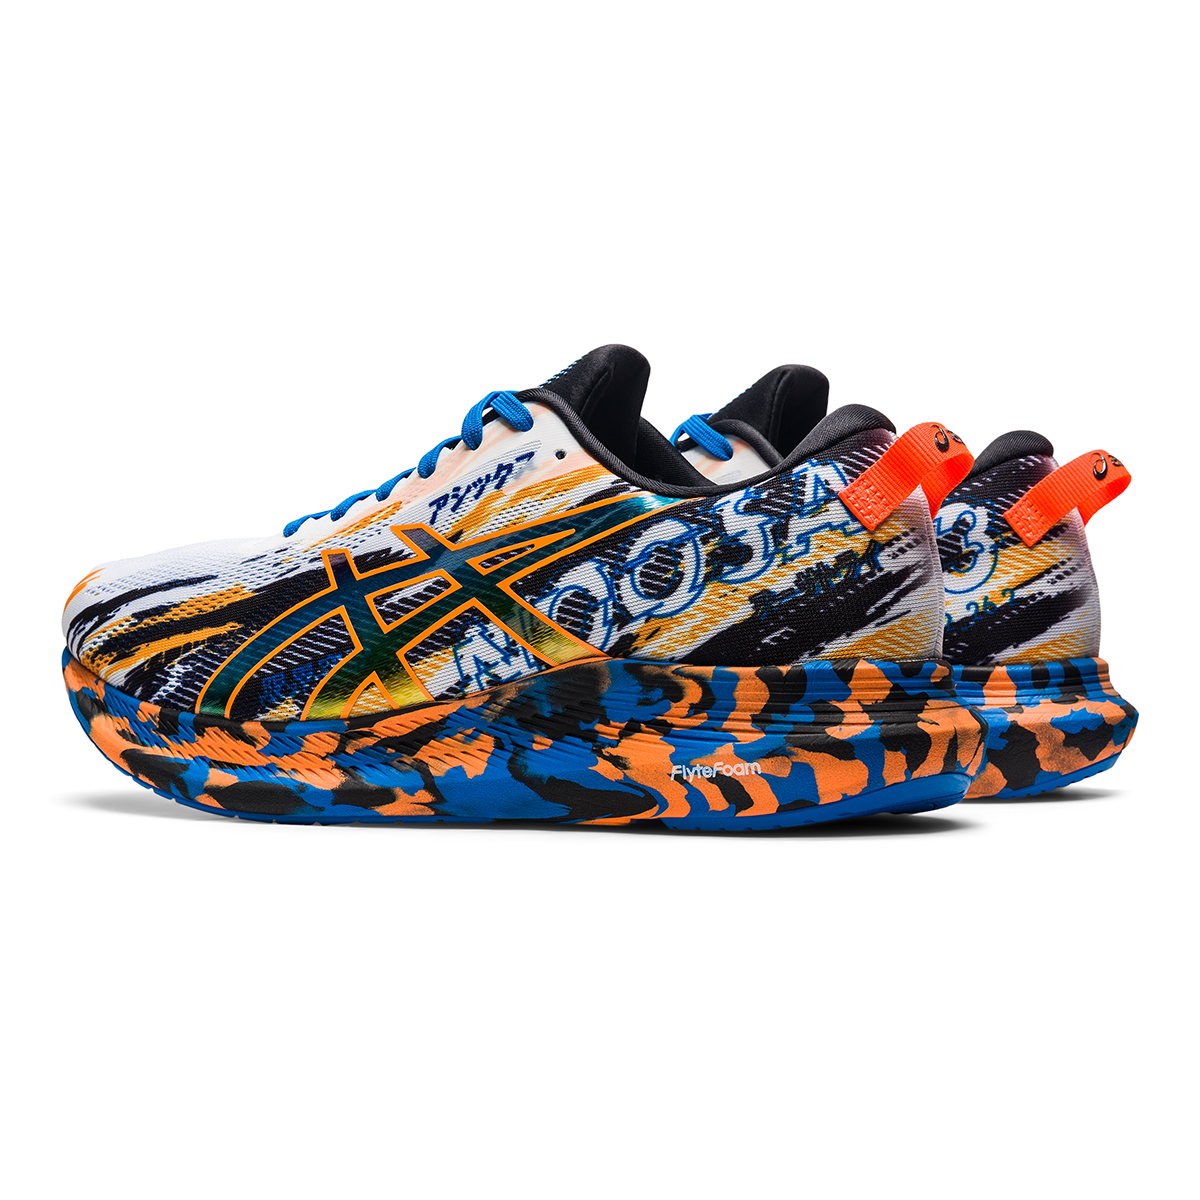 Men's Asics Noosa Tri 13 Running Shoe - Color: White/Shocking - Size: 7 - Width: Regular, White/Shocking, large, image 4